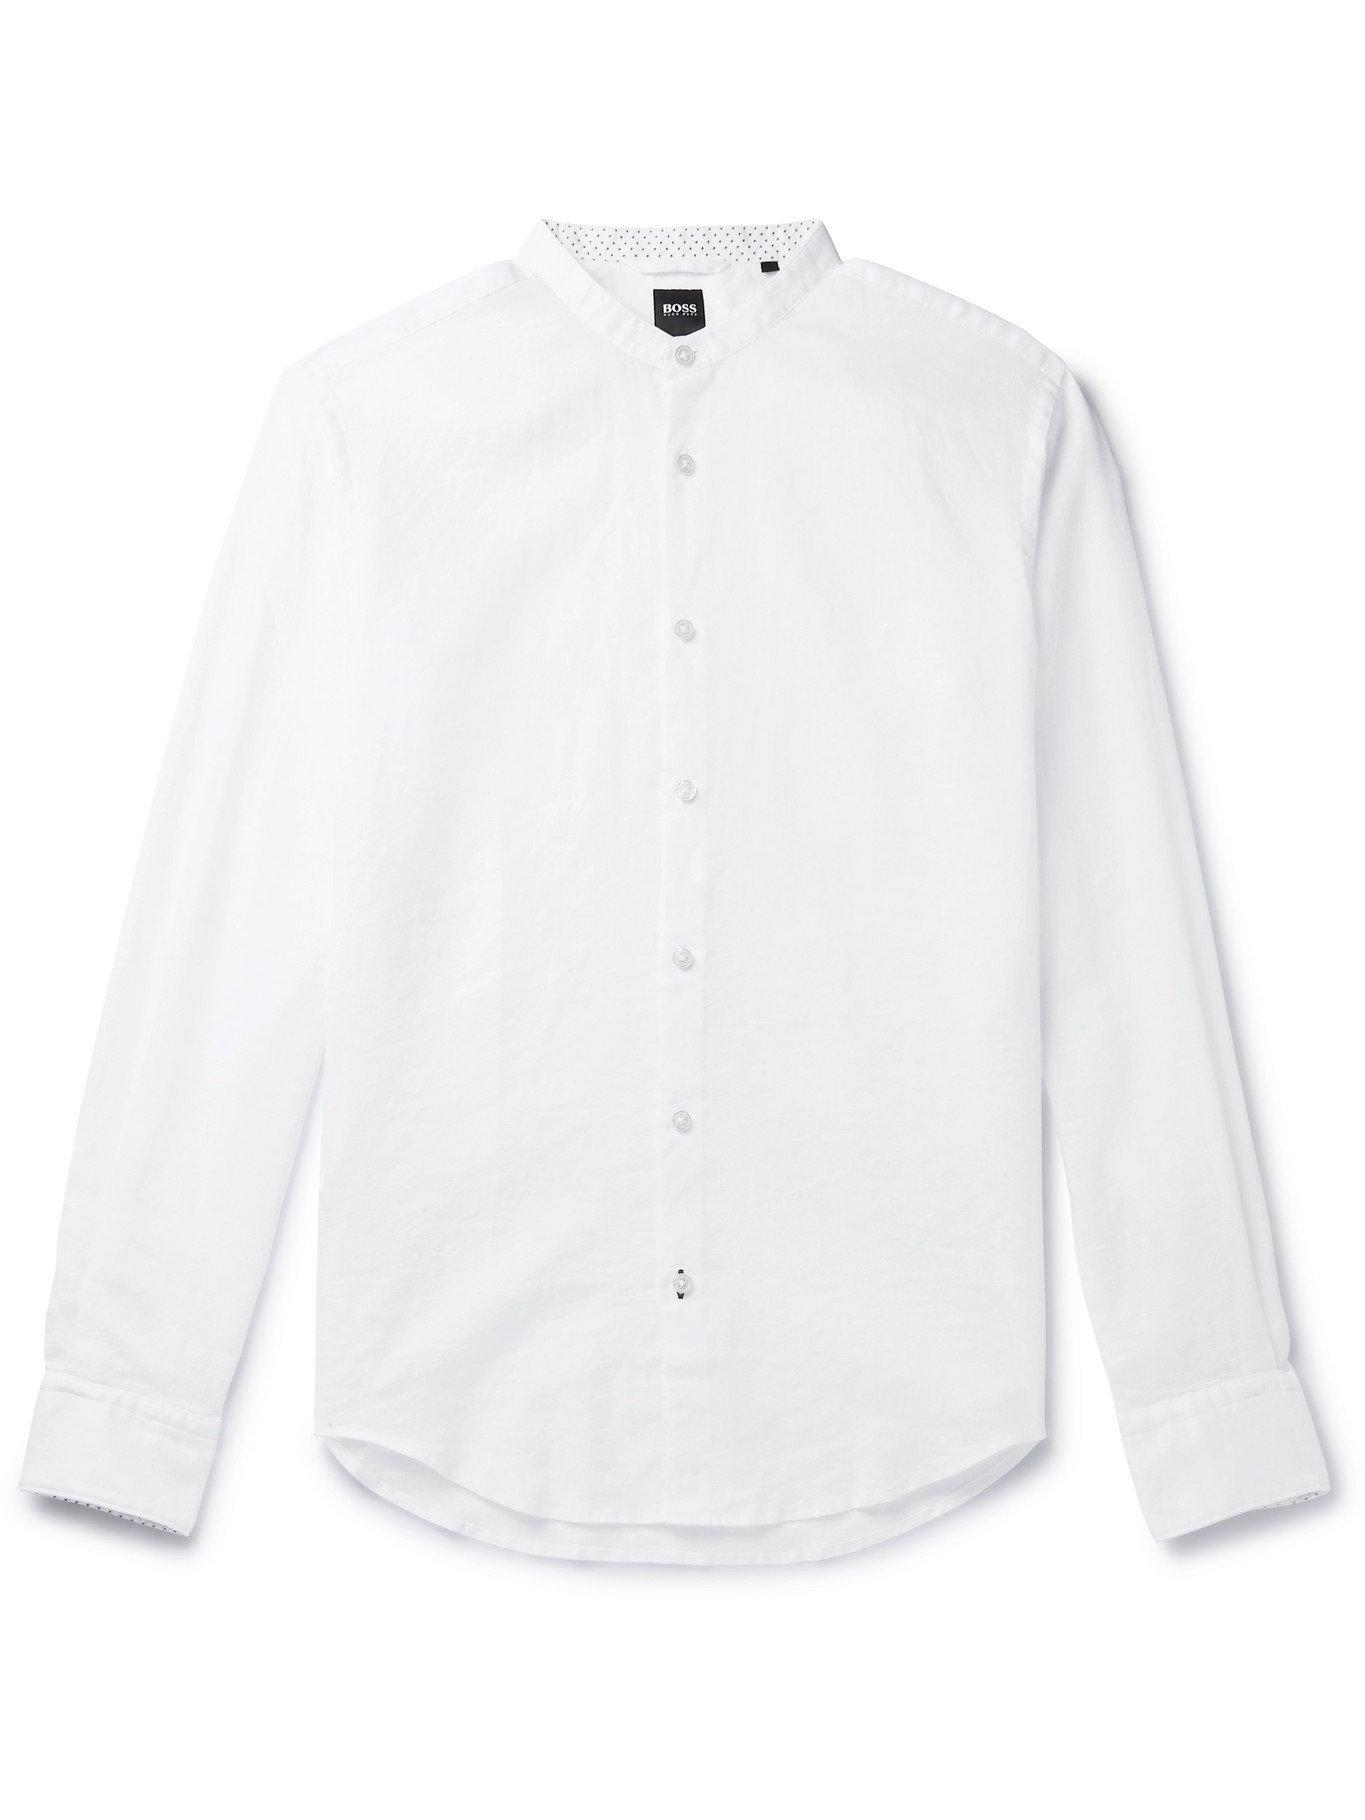 HUGO BOSS - Slim-Fit Grandad-Collar Linen-Blend Shirt - White